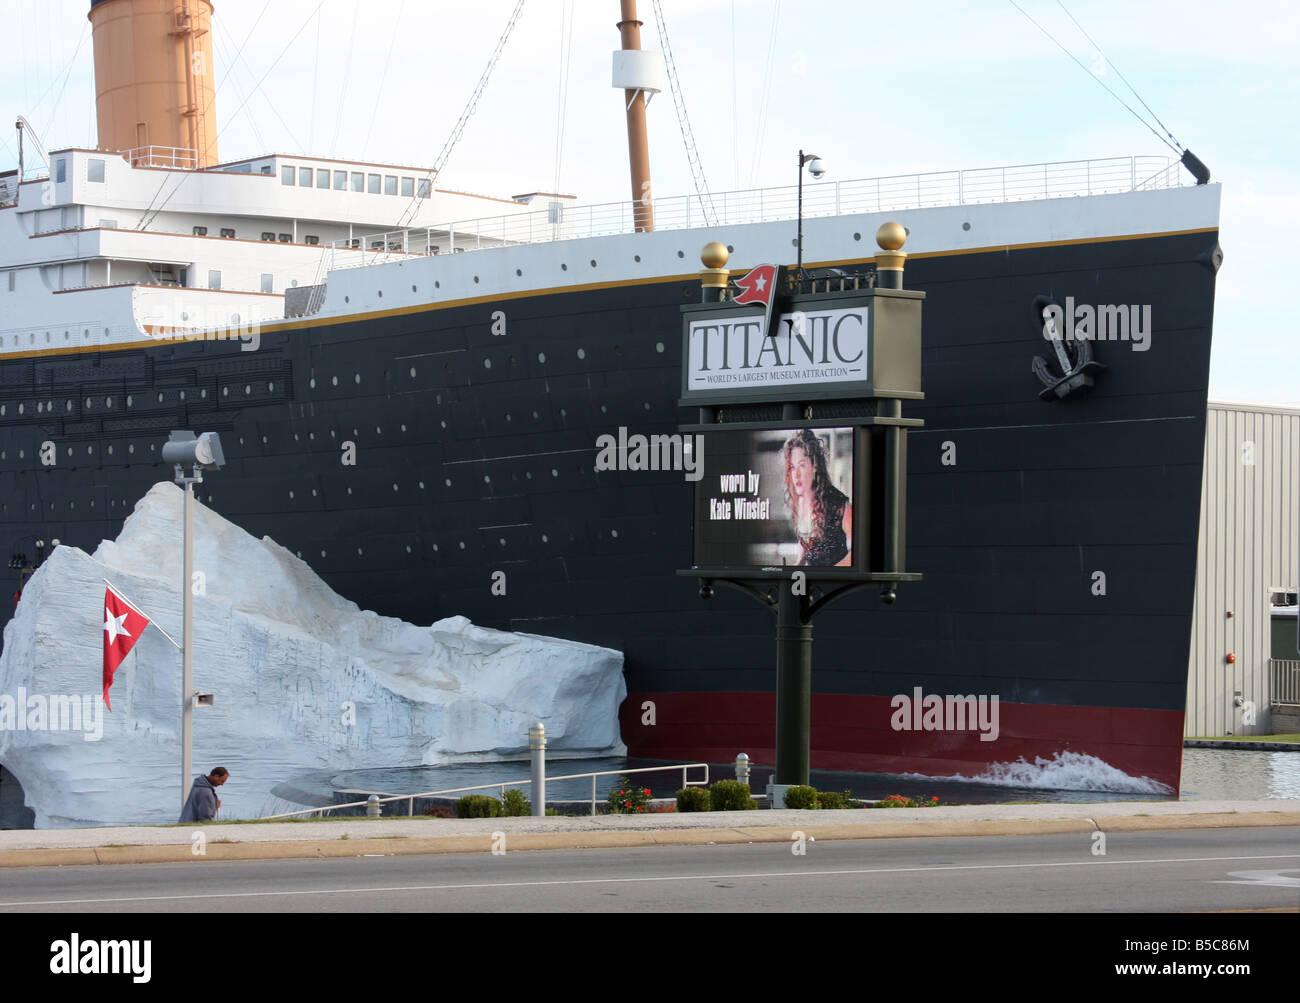 The Titanic Museum in Branson Missouri - Stock Image